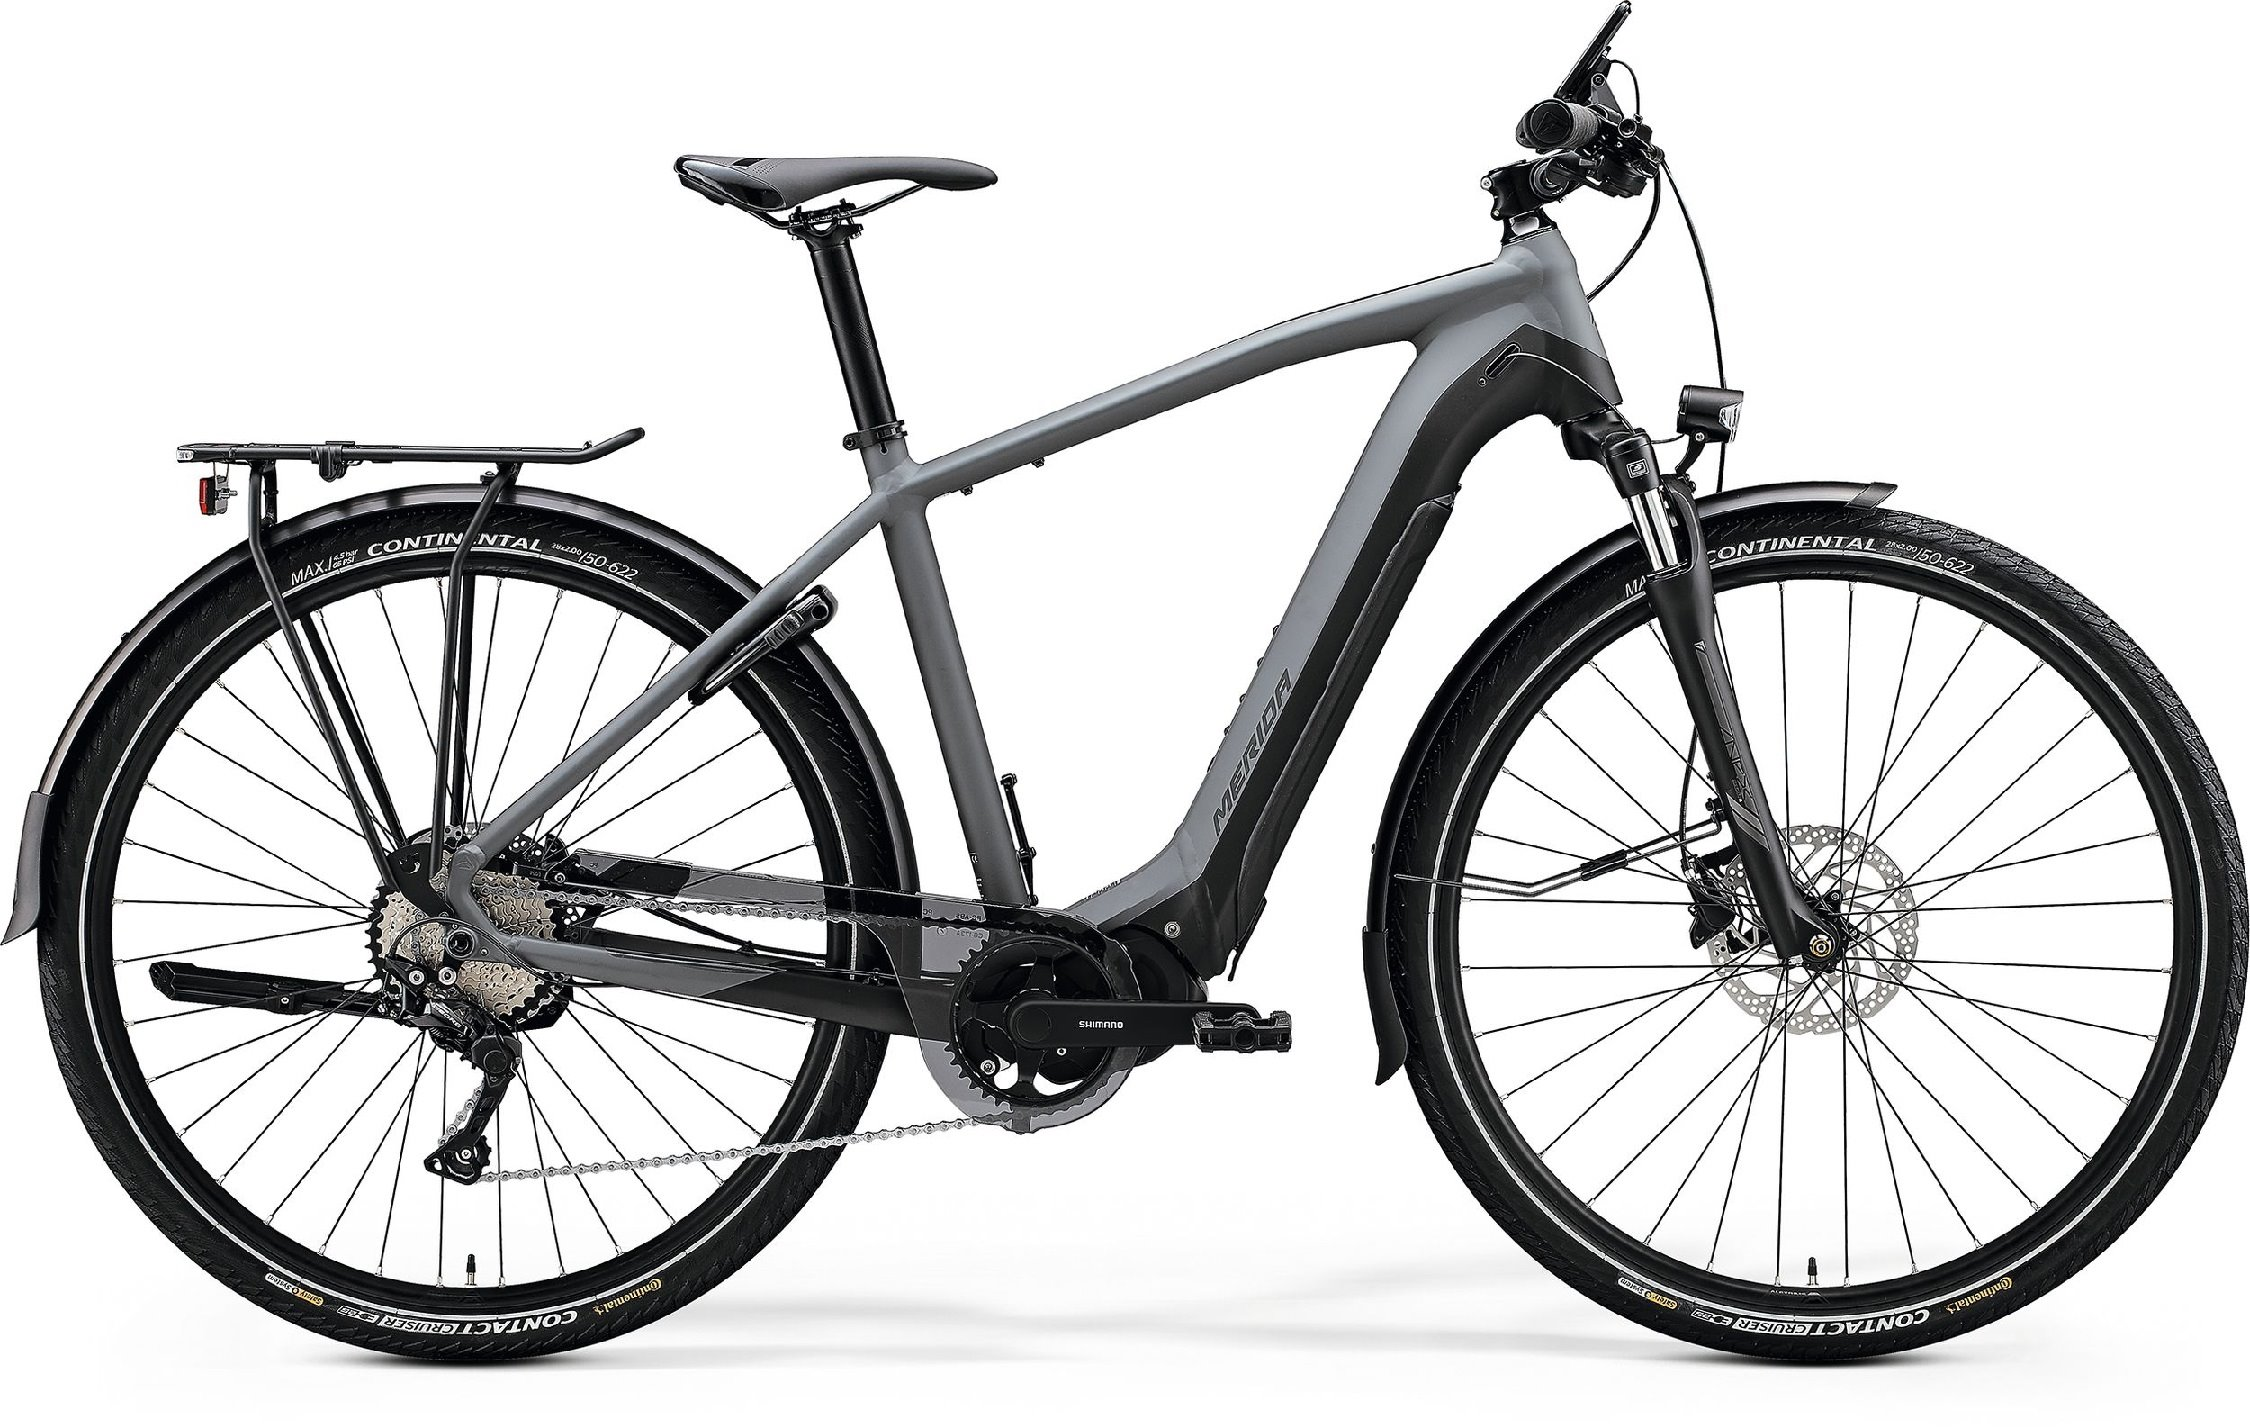 Merida eSPRESSO 400 EQ šedé/černé (>190 cm)